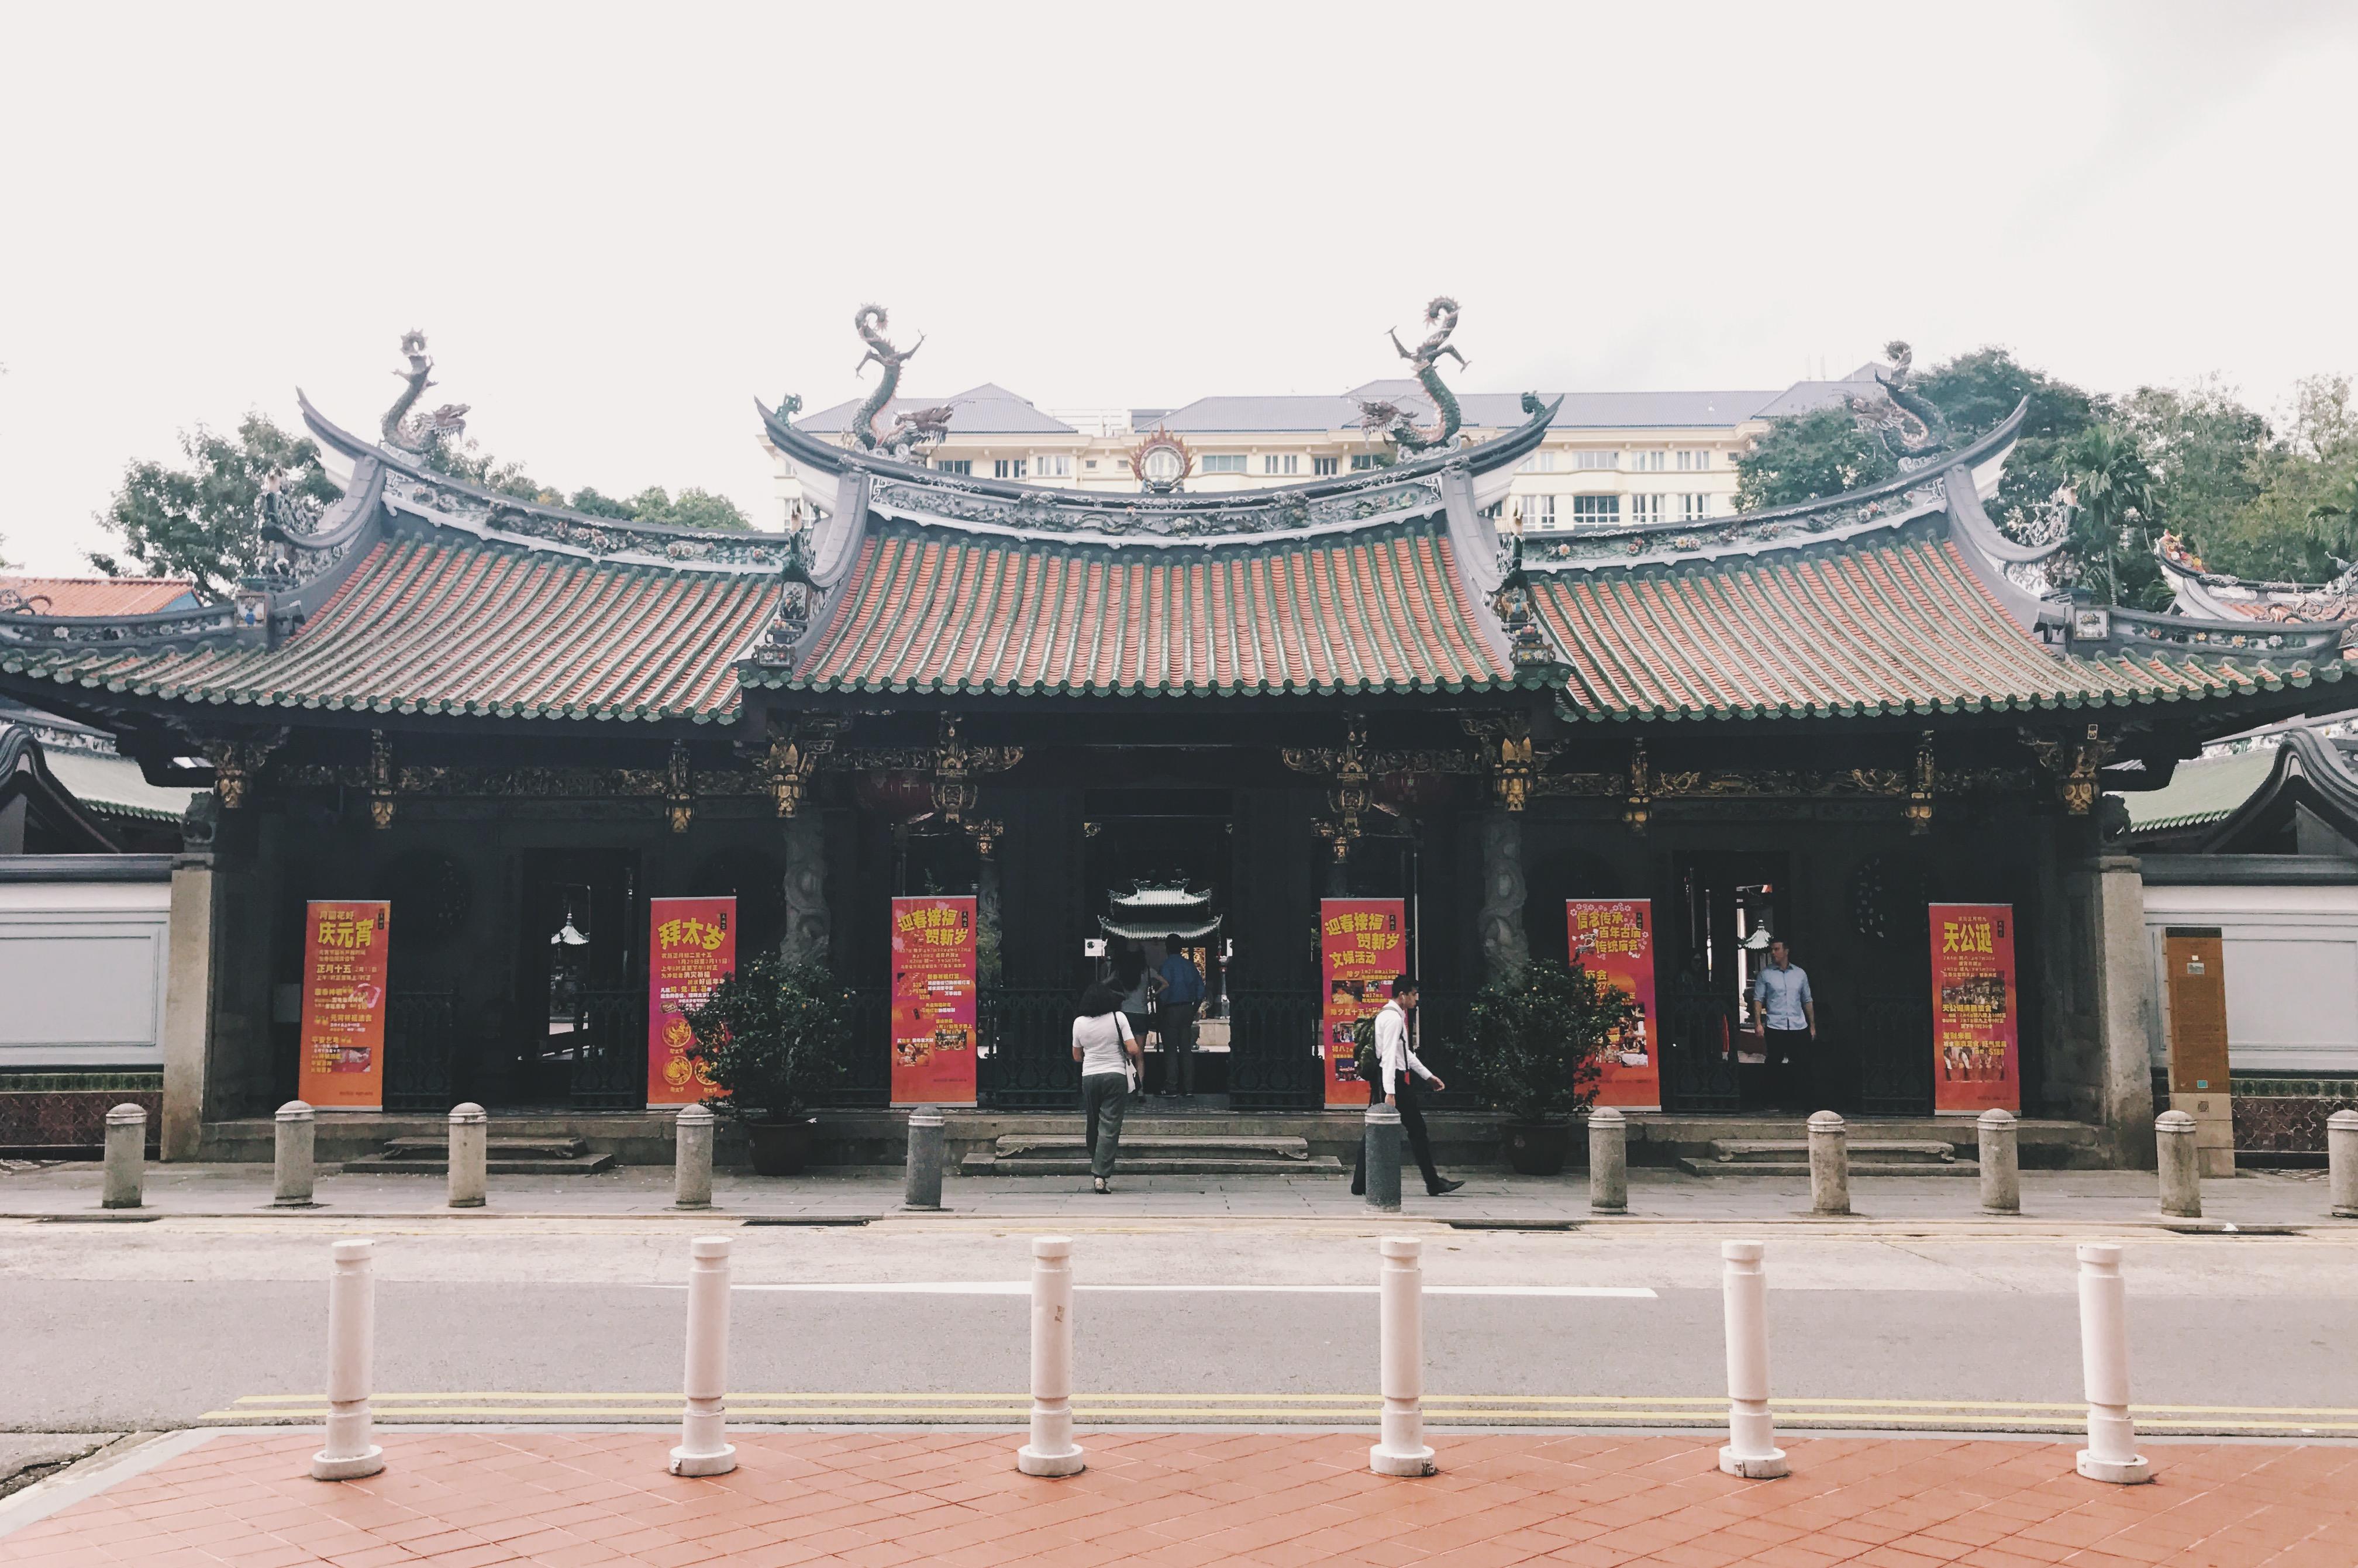 Thian Hock Keng Temple at Telok Ayer